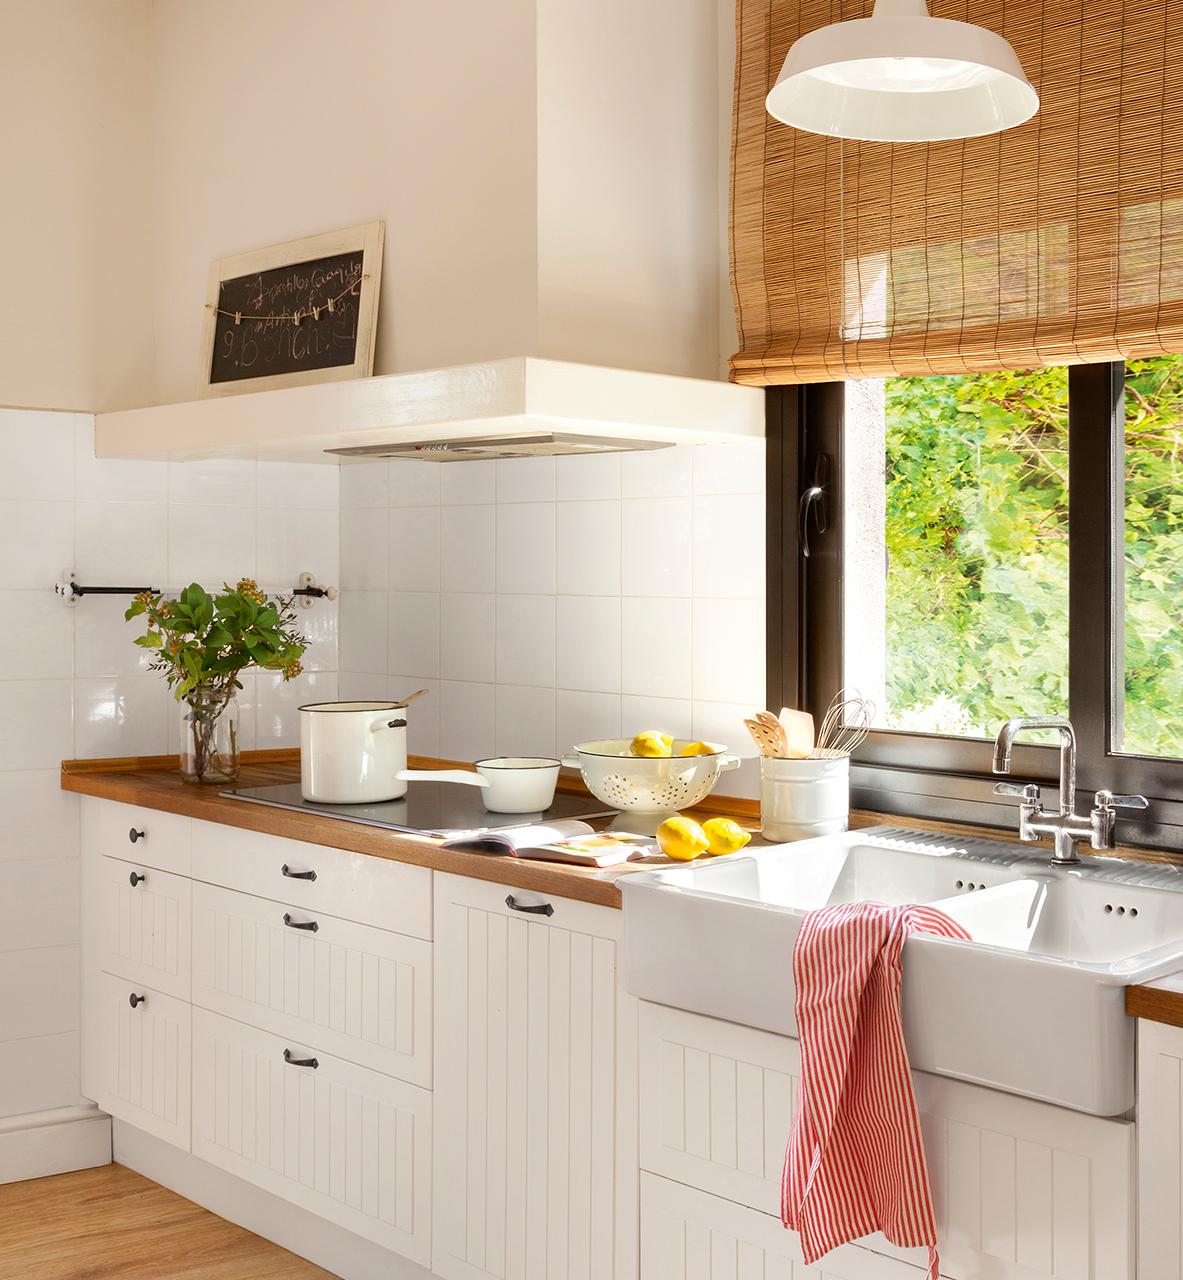 Iluminaci N Habitaciones Cocinas Y Sal N Elmueble # Muebles Lado Cee